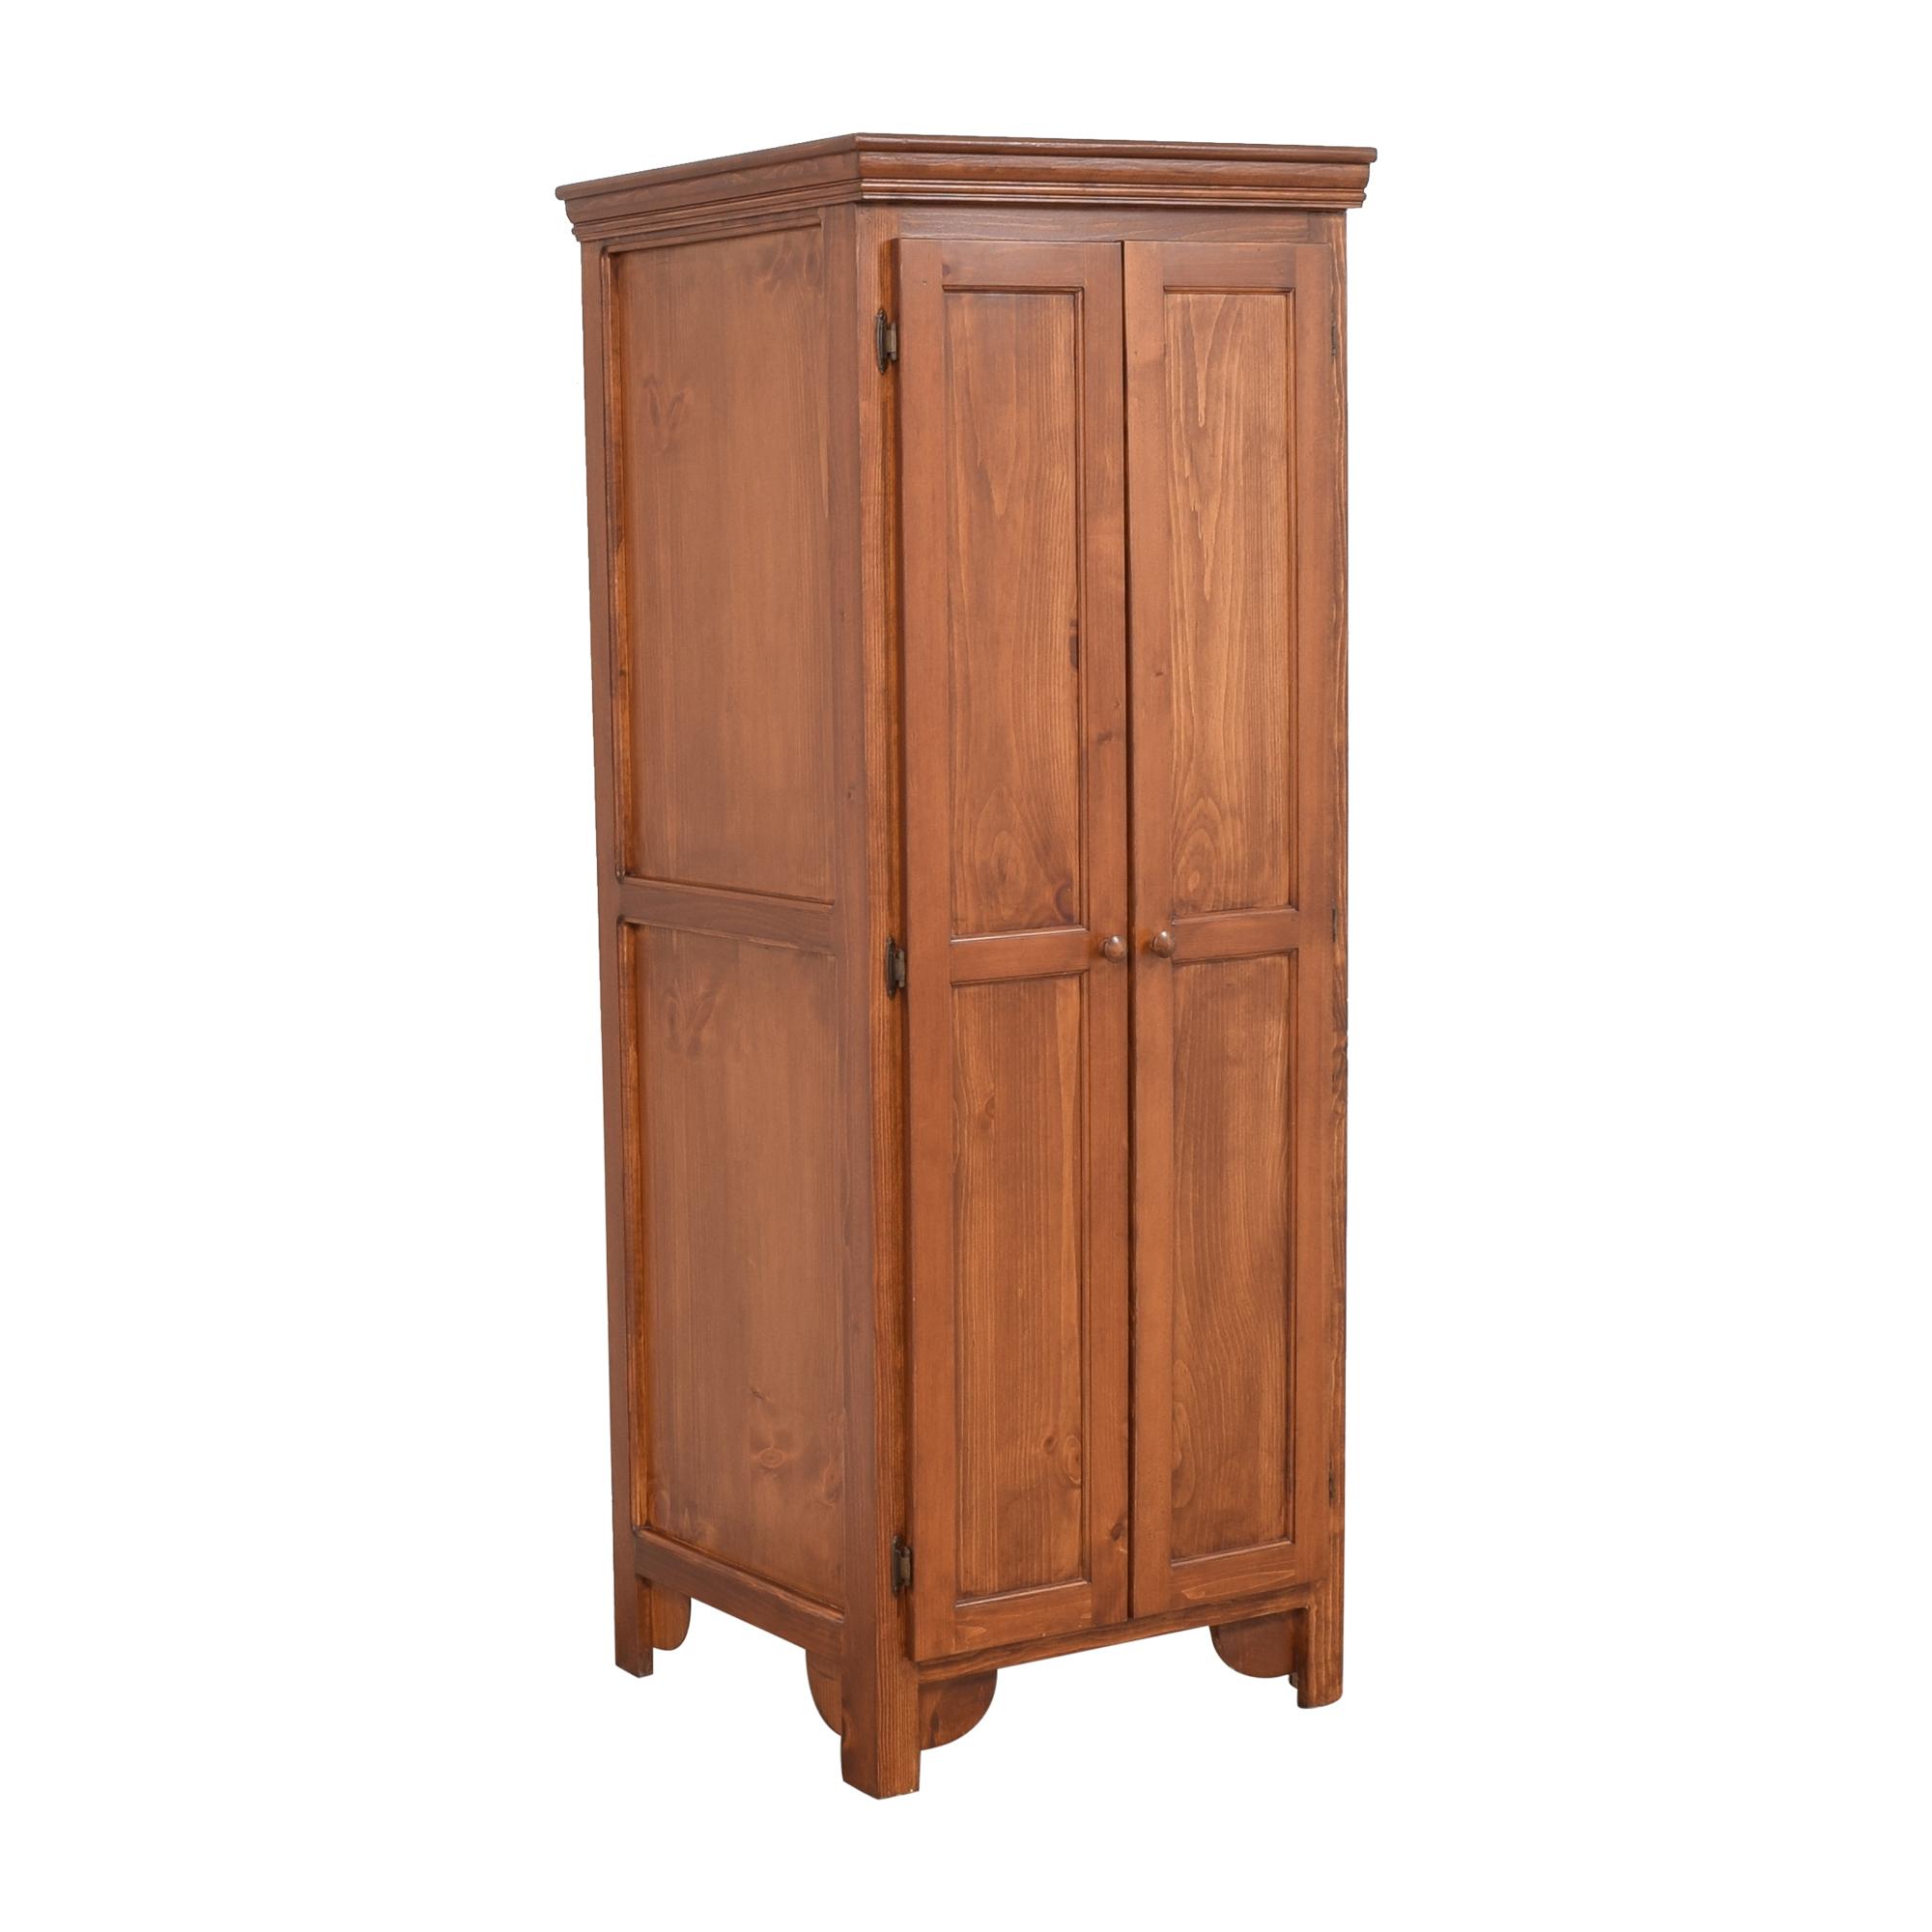 Gothic Cabinet Craft Gothic Cabinet Craft Custom Tall Wardrobe